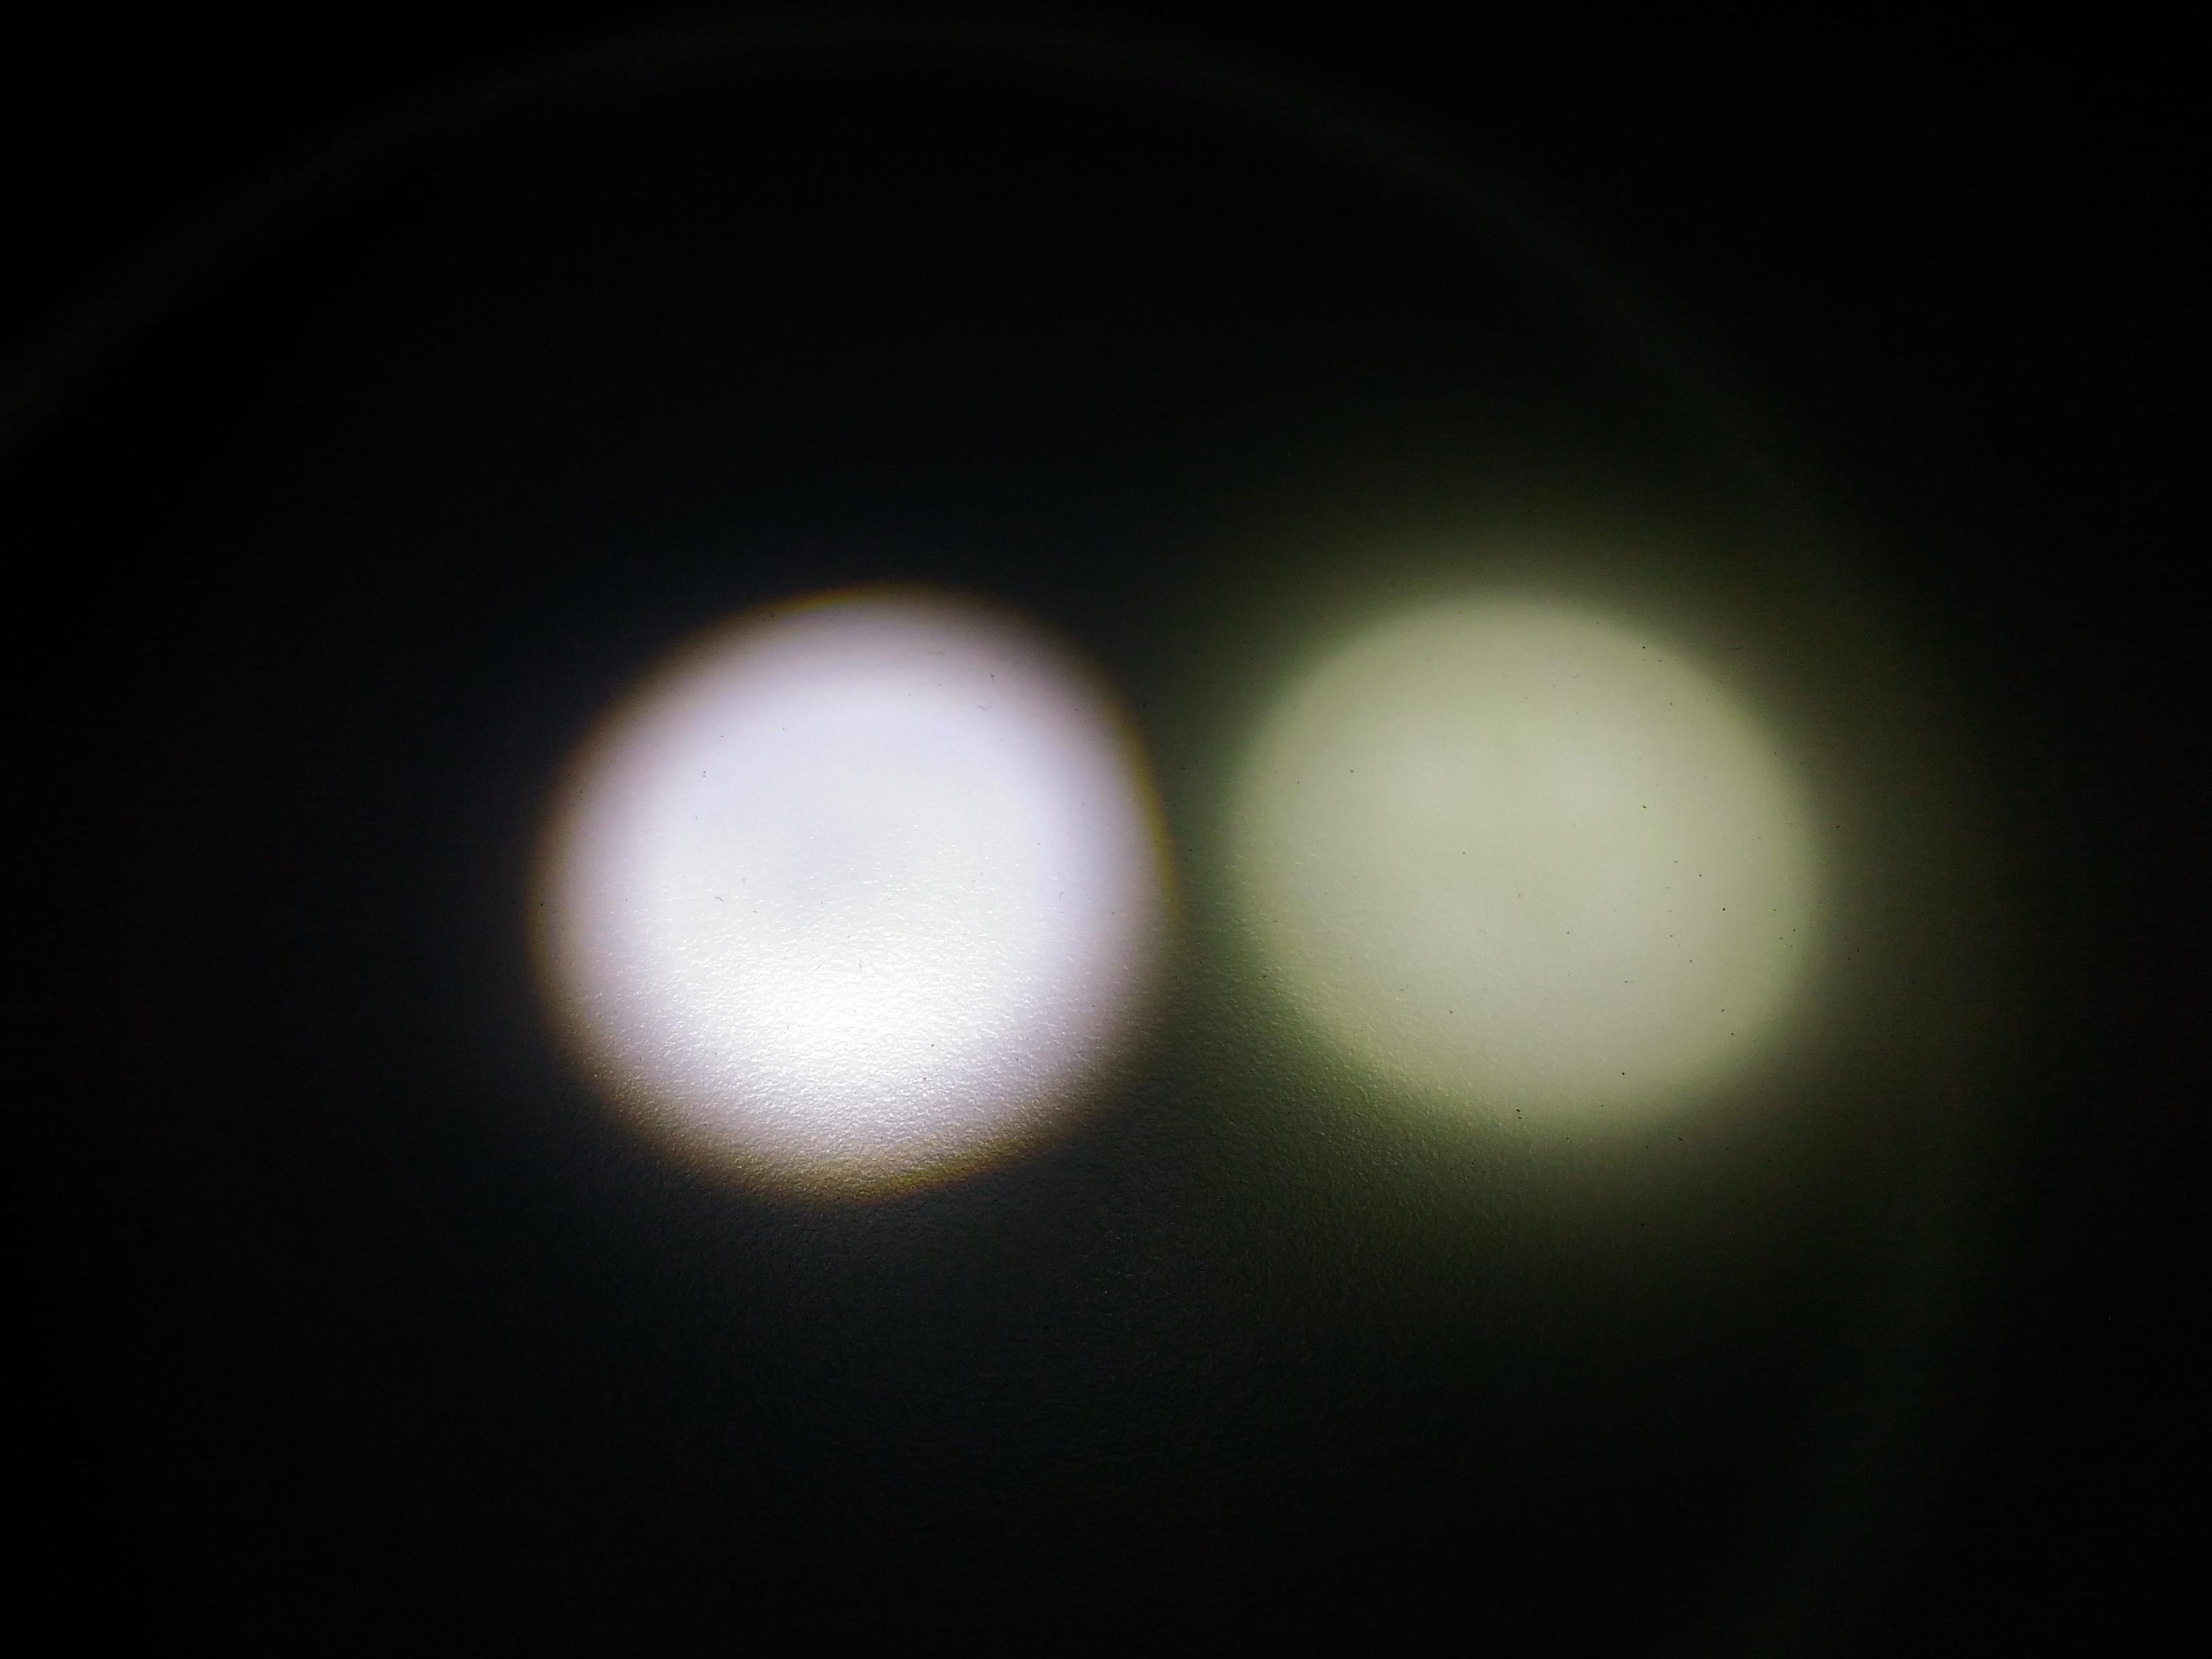 9731575-3RQtm